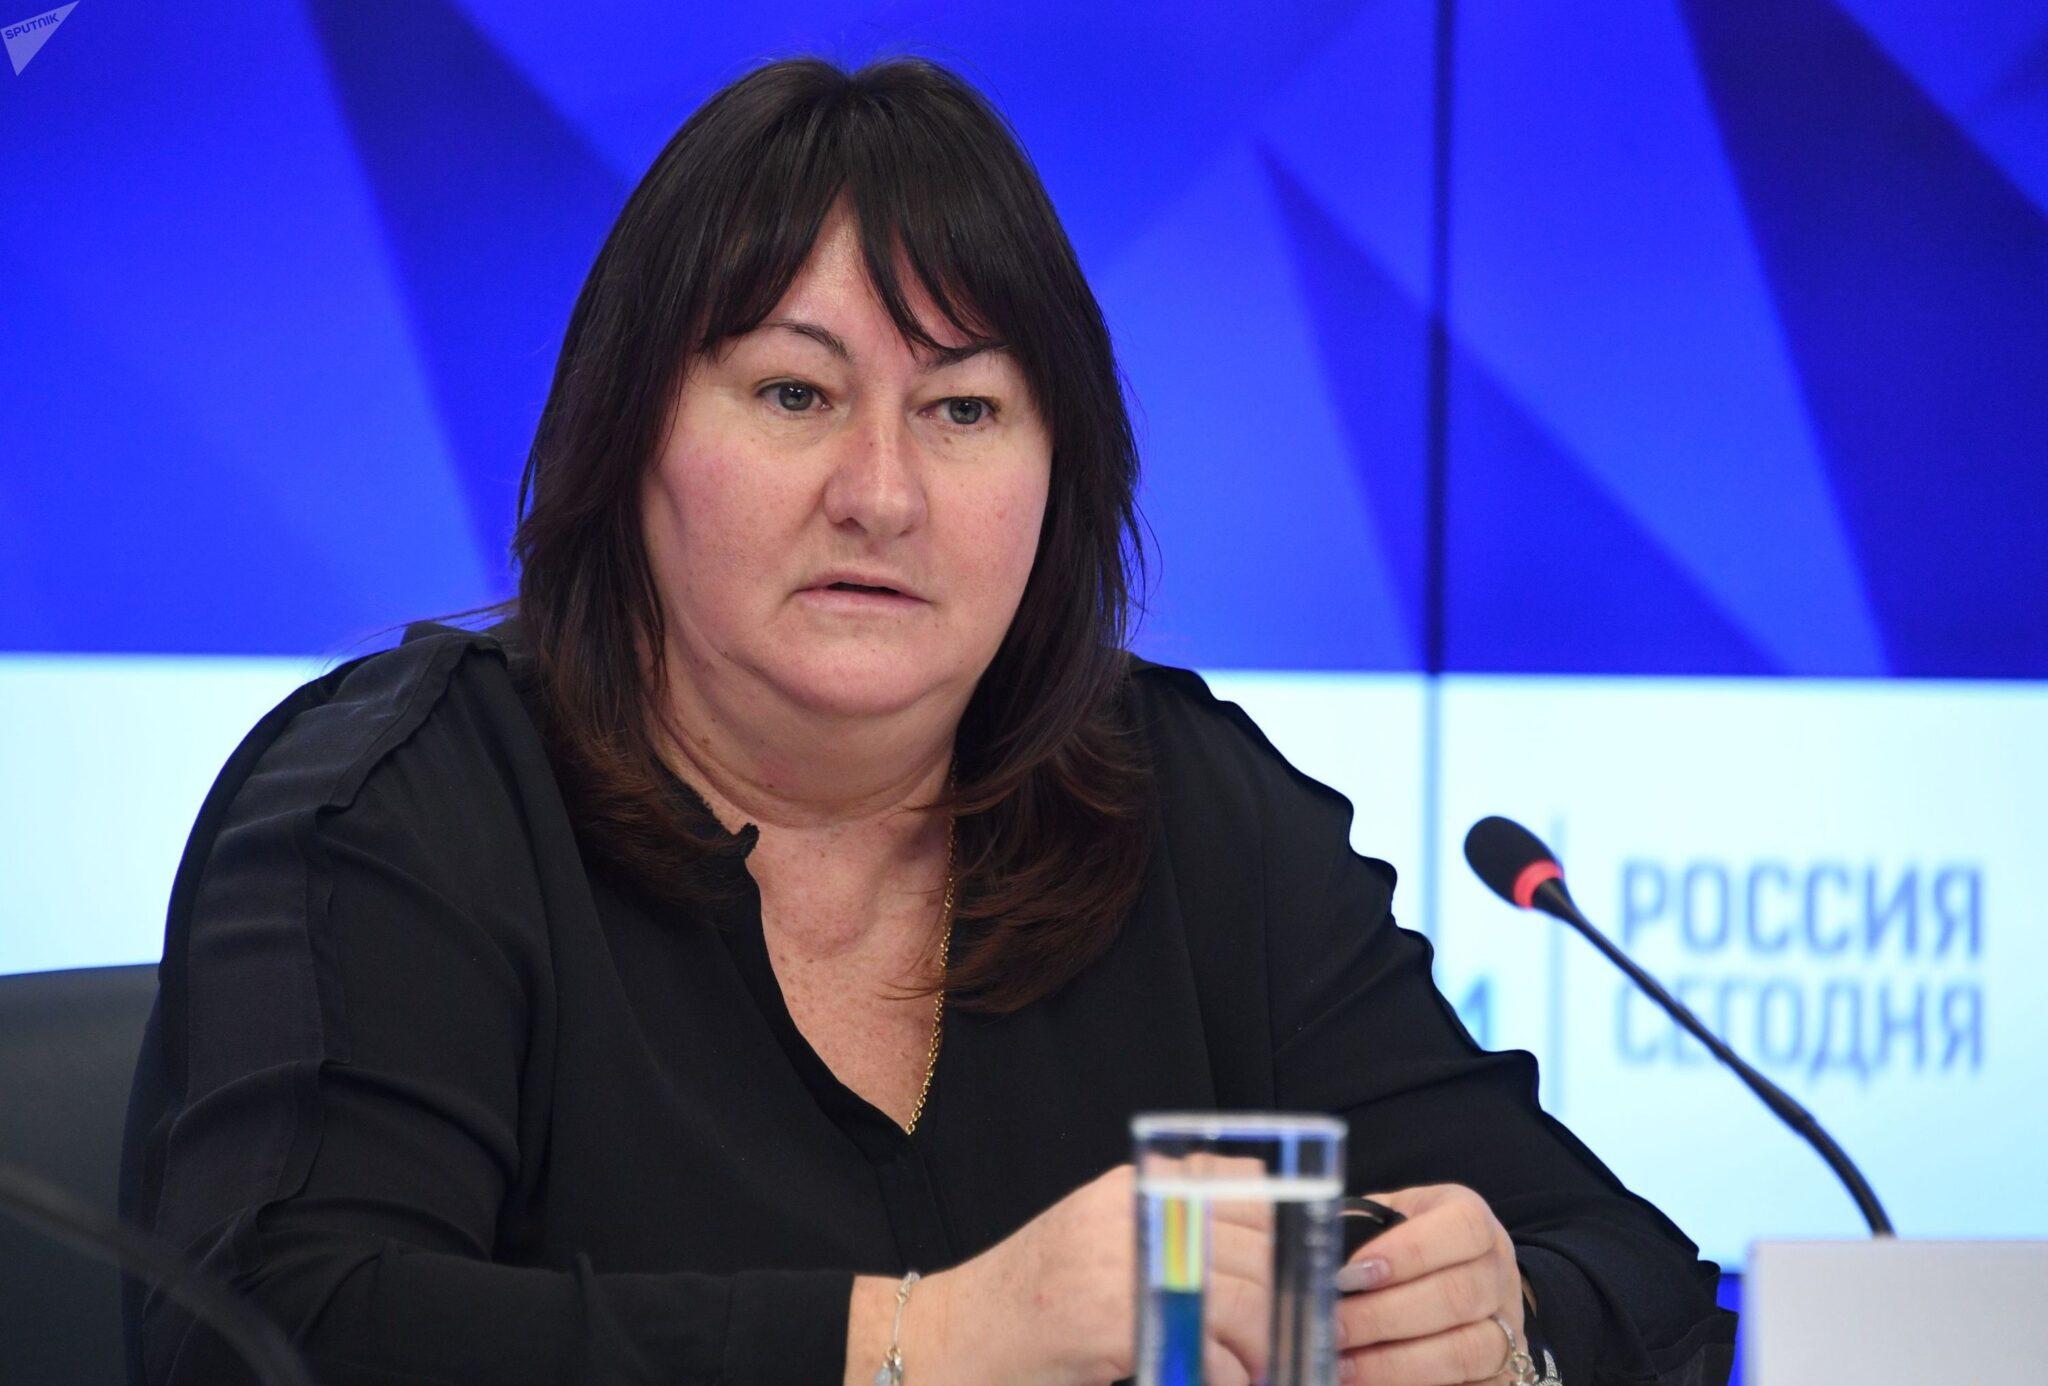 Елена Валерьевна Вяльбе